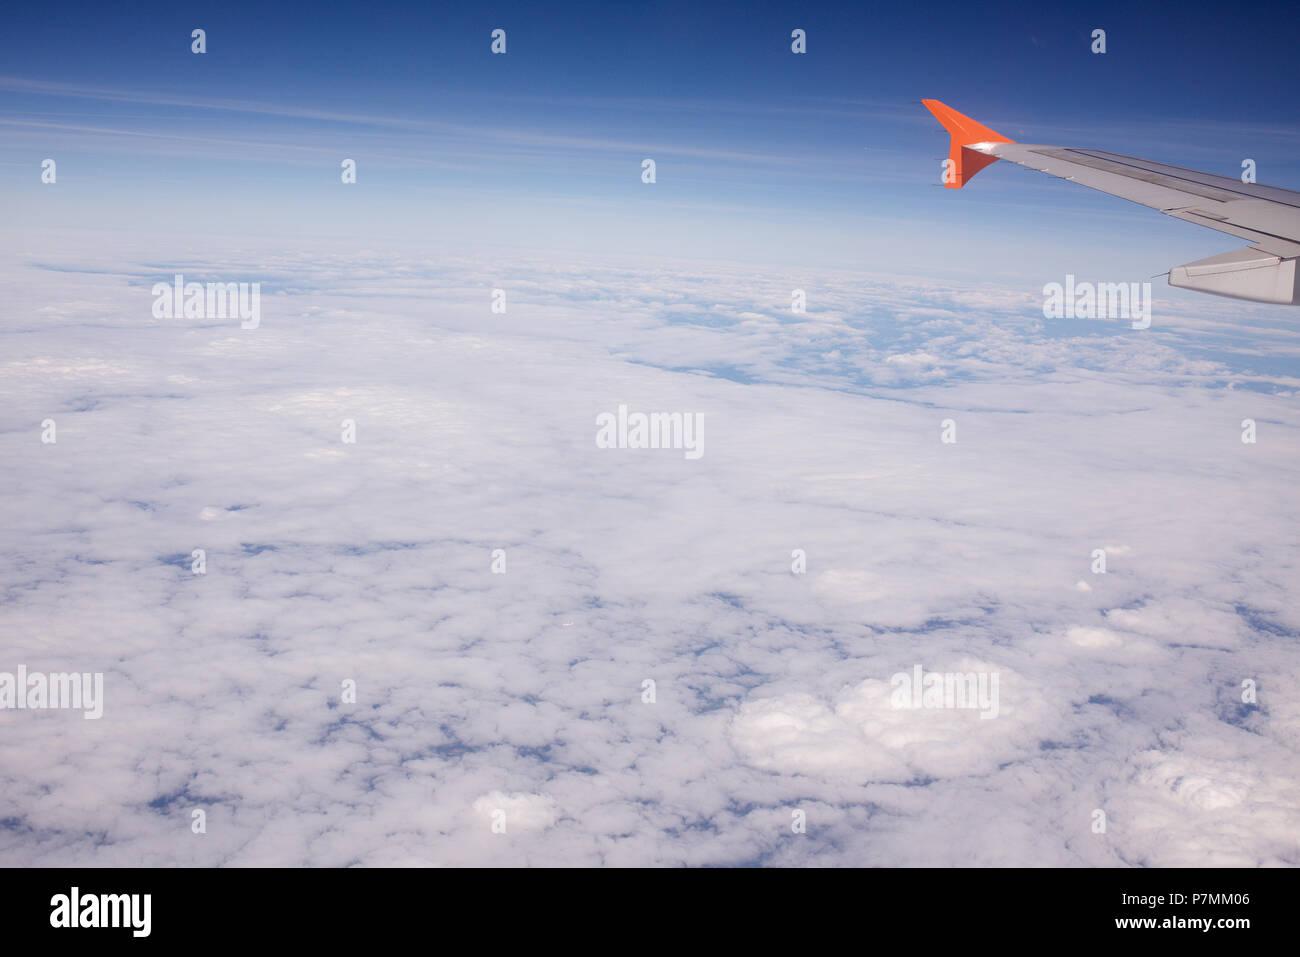 Il Cloud forme e modelli visualizzati da un velivolo Immagini Stock